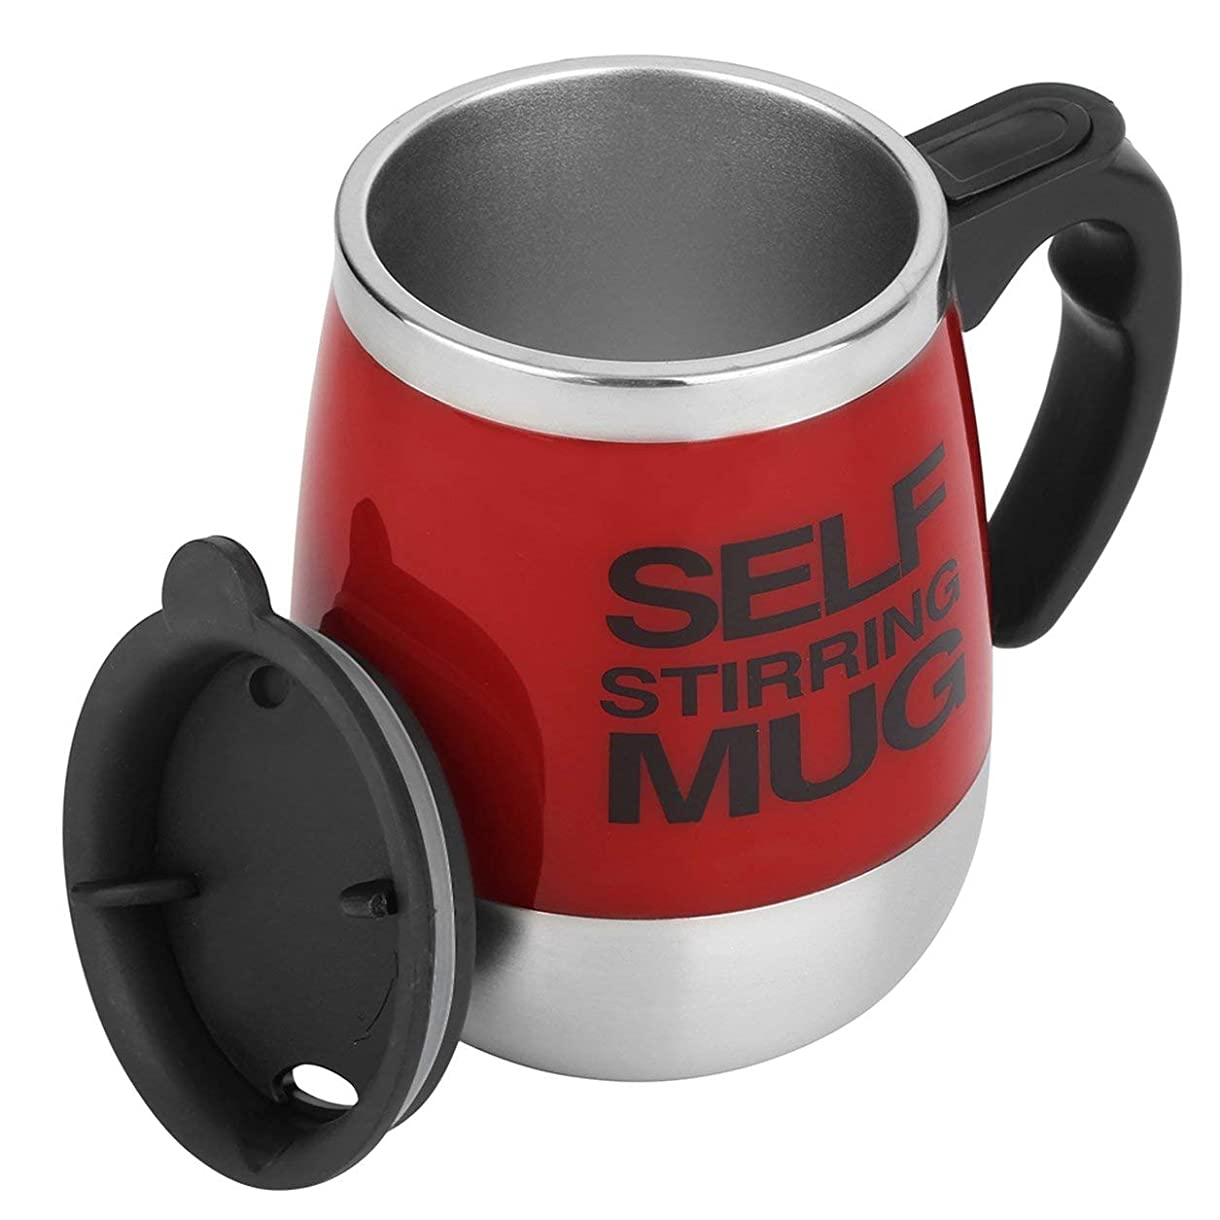 霧深いライバル動かすSaikogoods 450ミリリットル ステンレス鋼 自己攪拌マグカップ 自動ミキシング ティーコーヒーカップ 自動 電気コーヒーカップを飲みます 赤